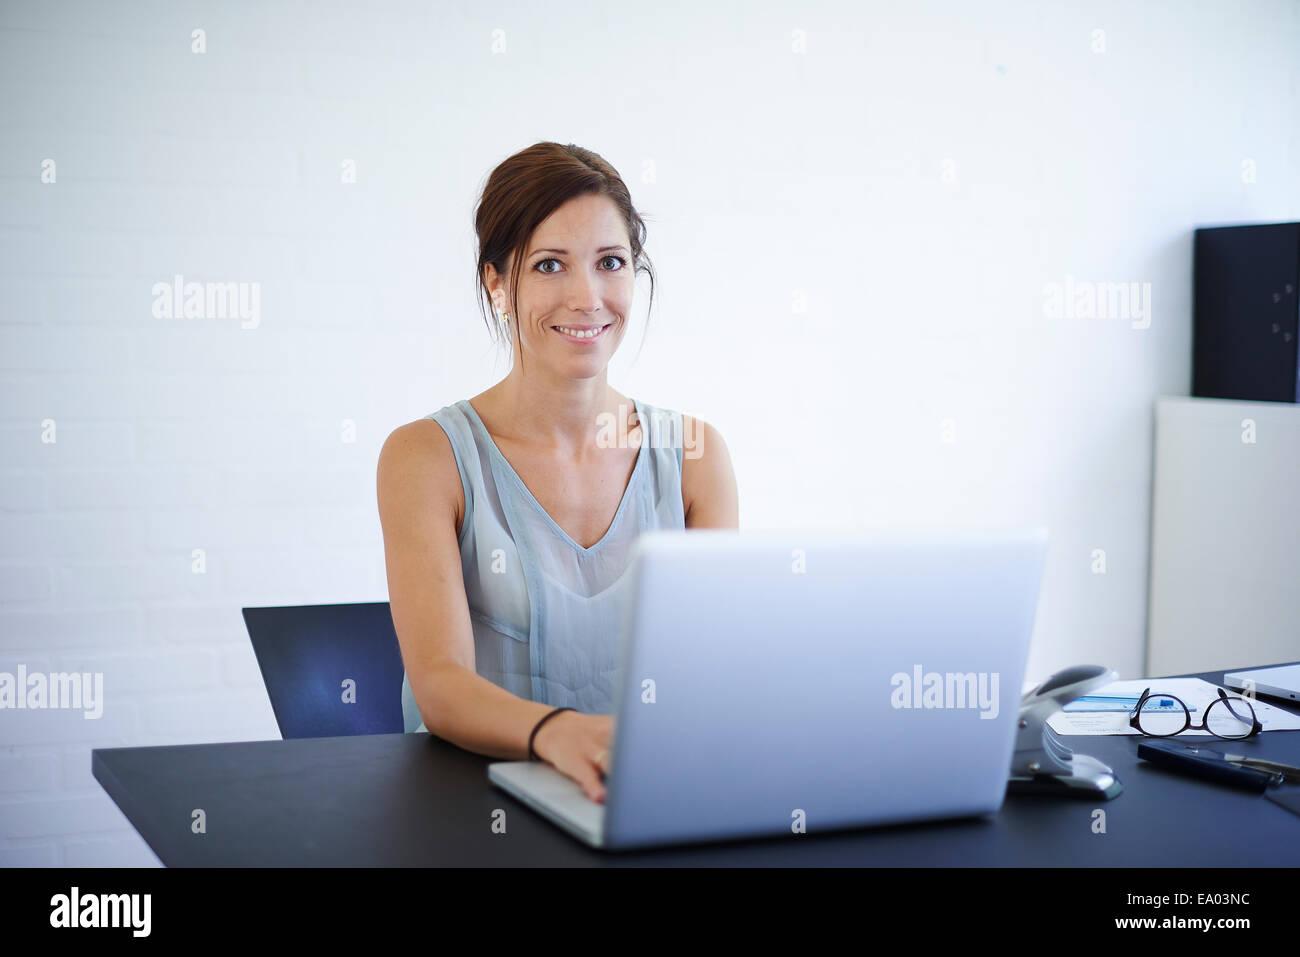 Porträt Mitte Erwachsene Frau an Laptop von zu Hause aus arbeiten Stockbild